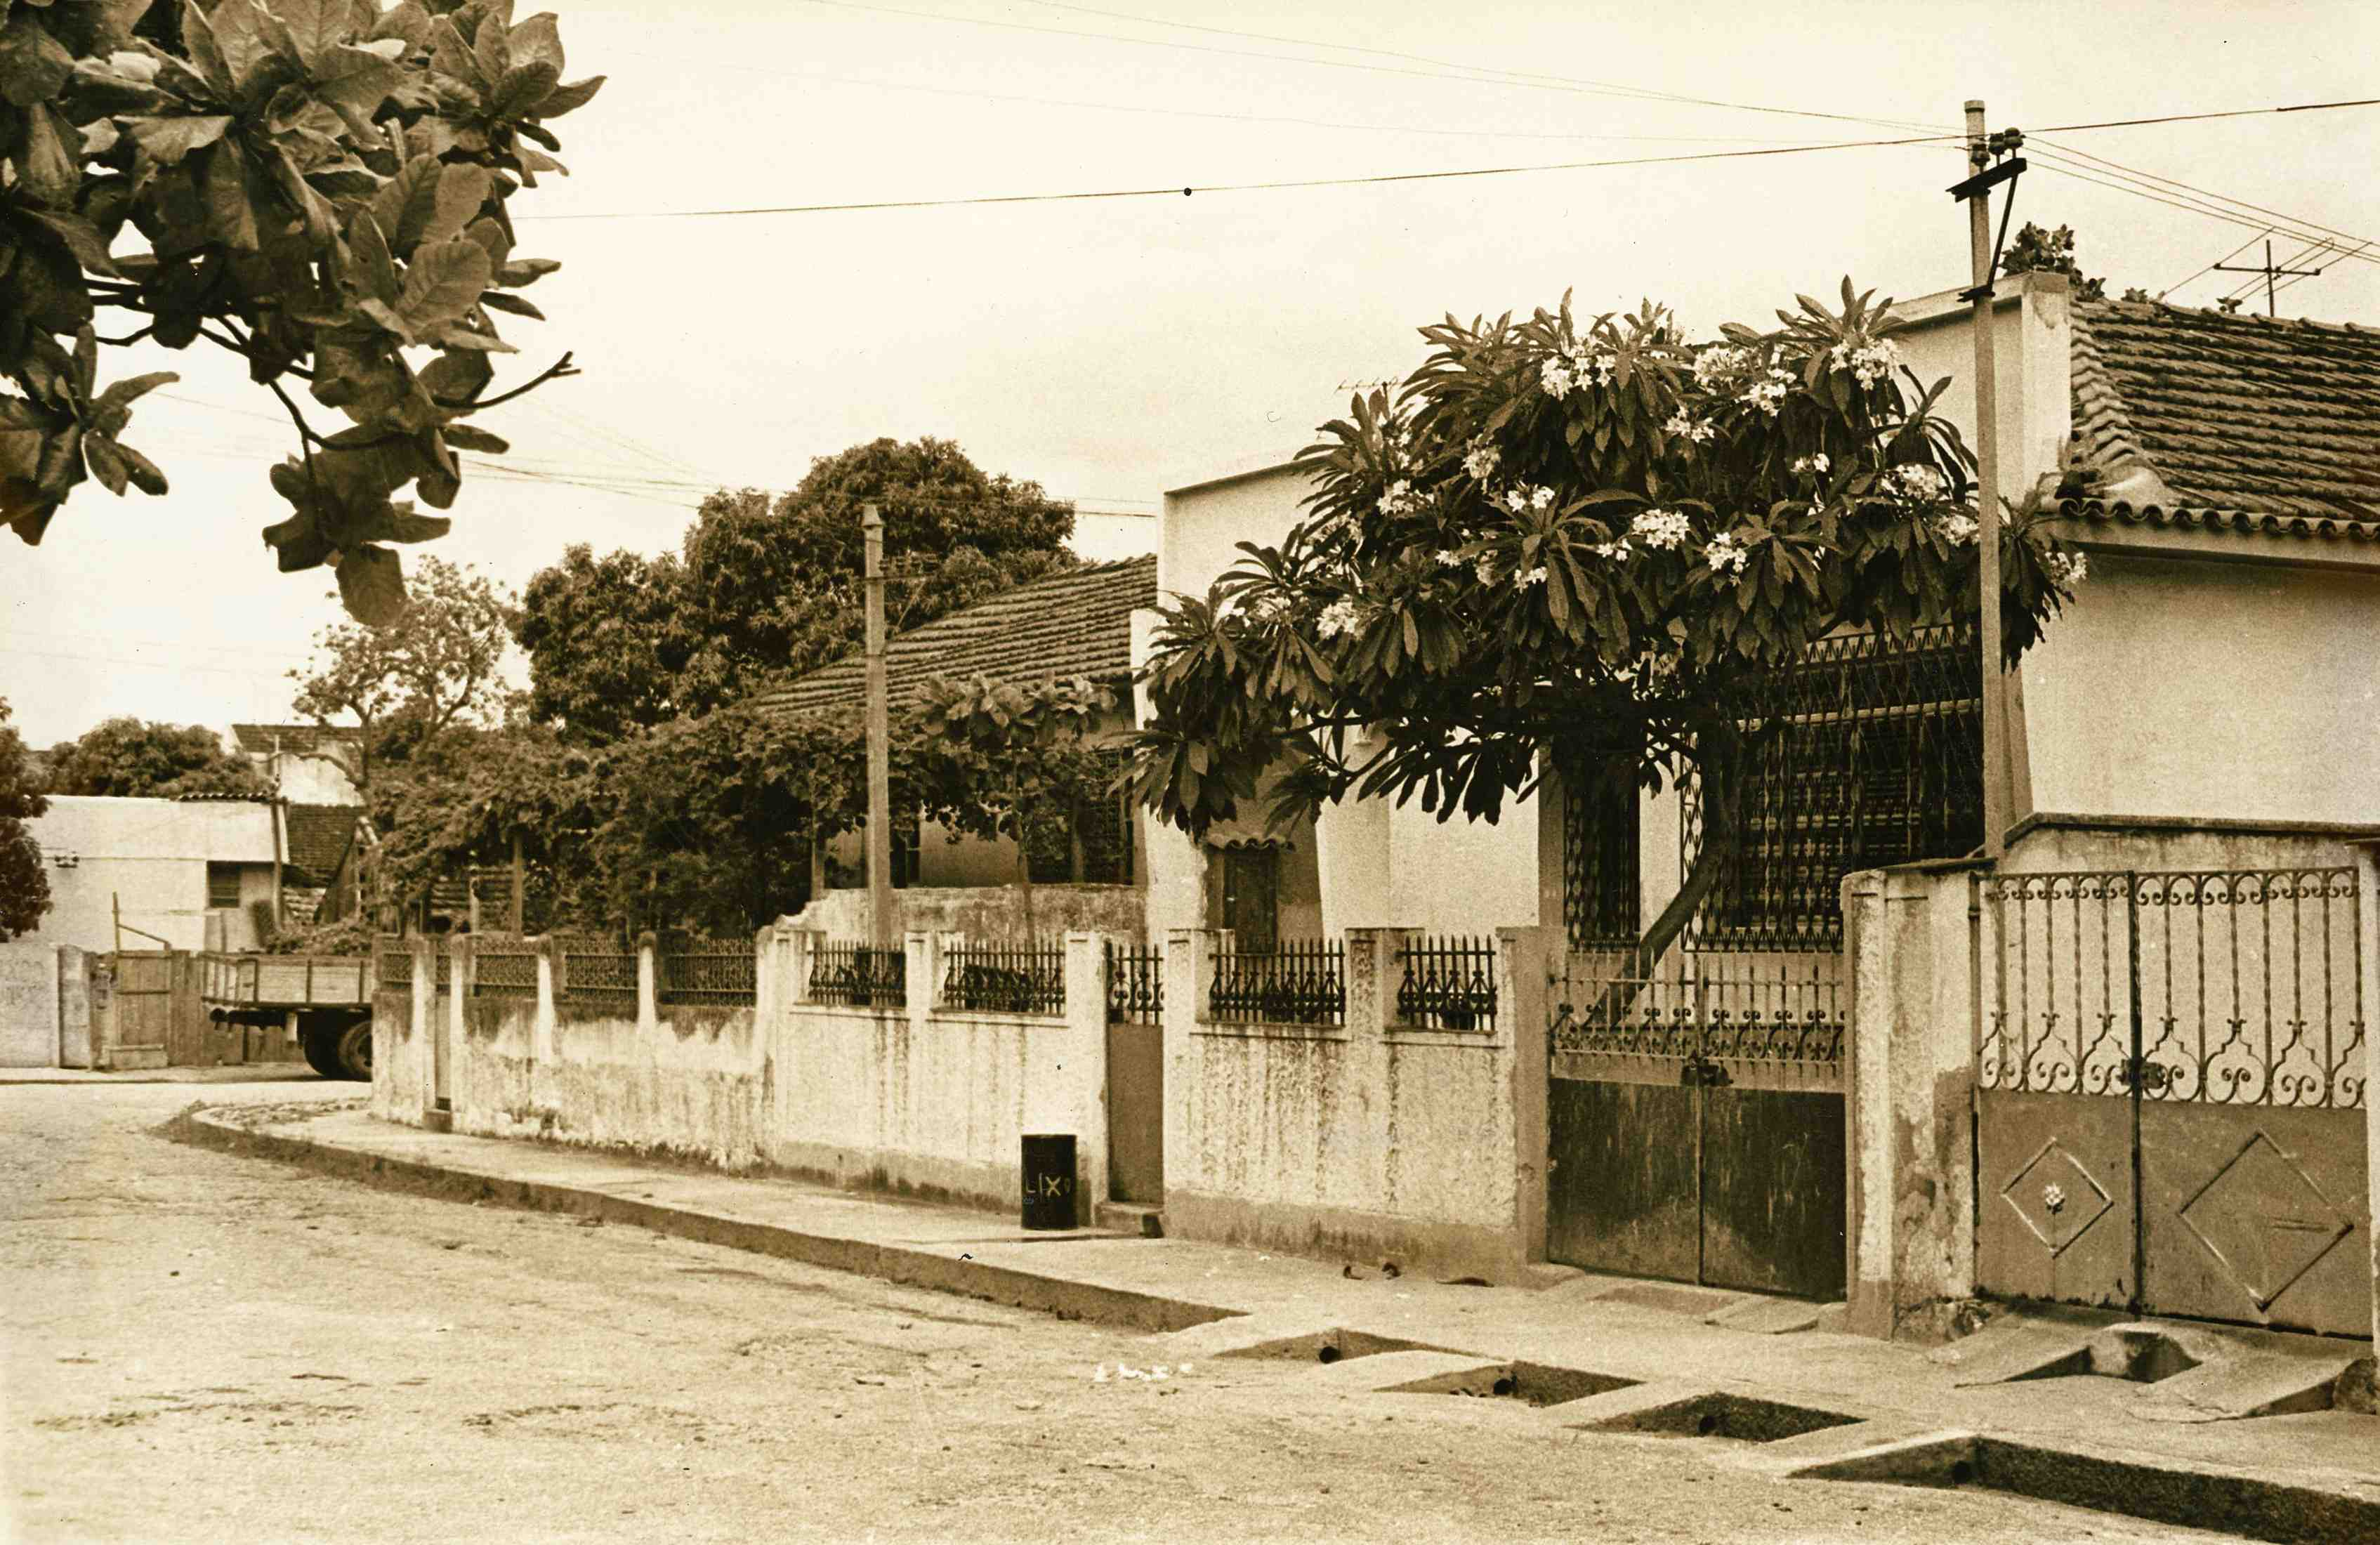 Fachada da casa de Pixinguinha. Rua Pixinguinha, Ramos, Rio de Janeiro (IMS_JRT_pixinguinha030 / Acervo Tinhorão / IMS)